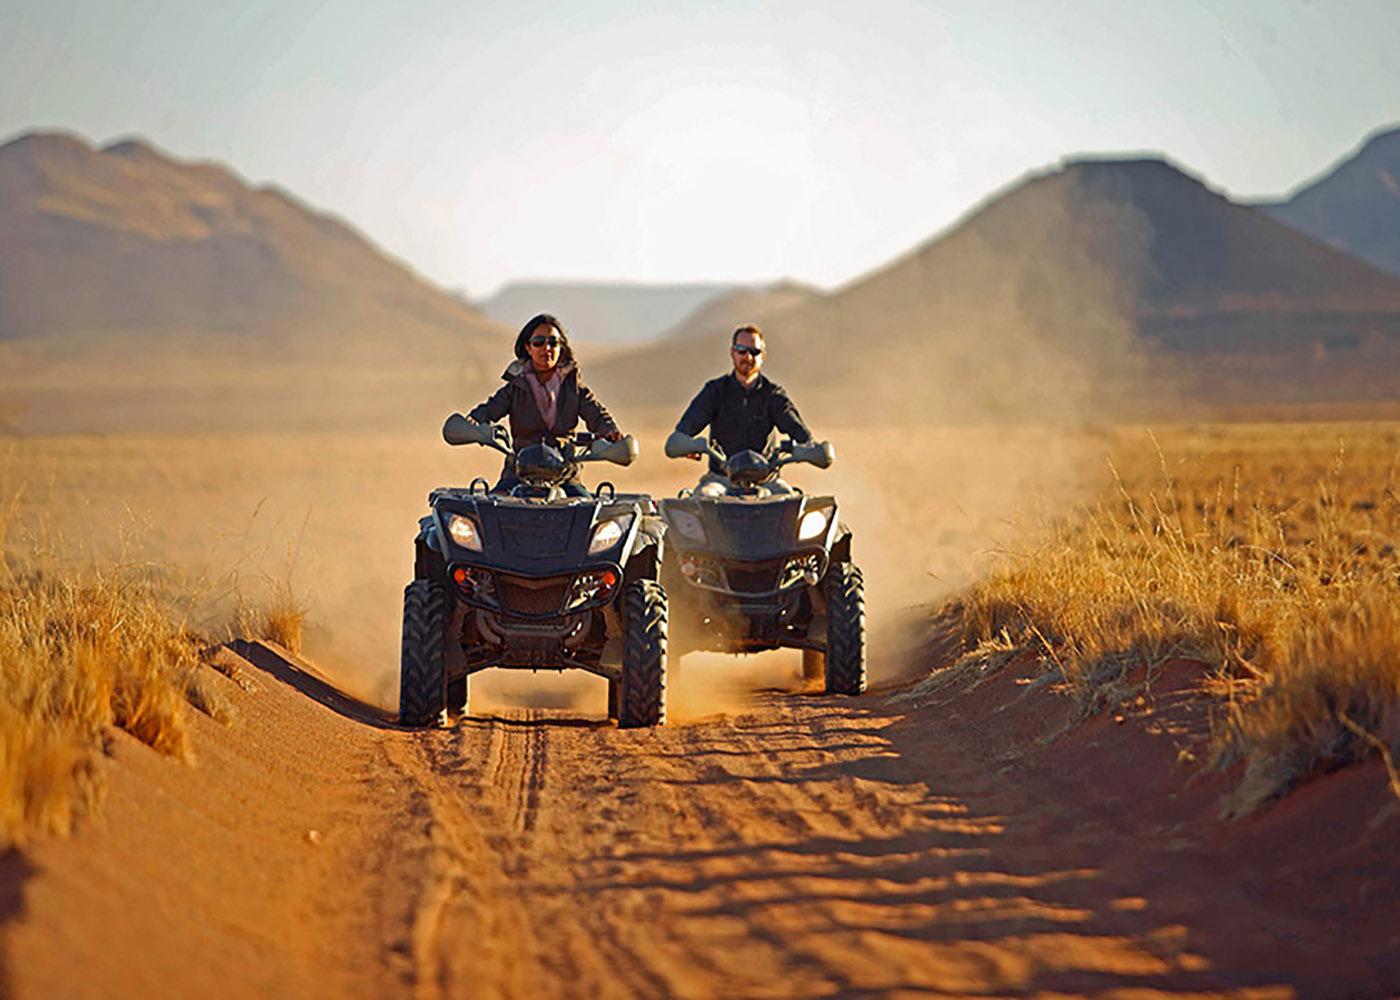 Namibie, désert du Namib, panorama de reliefs désertiques, deux personnes arrivent avec leur quad sur une chemin de sable